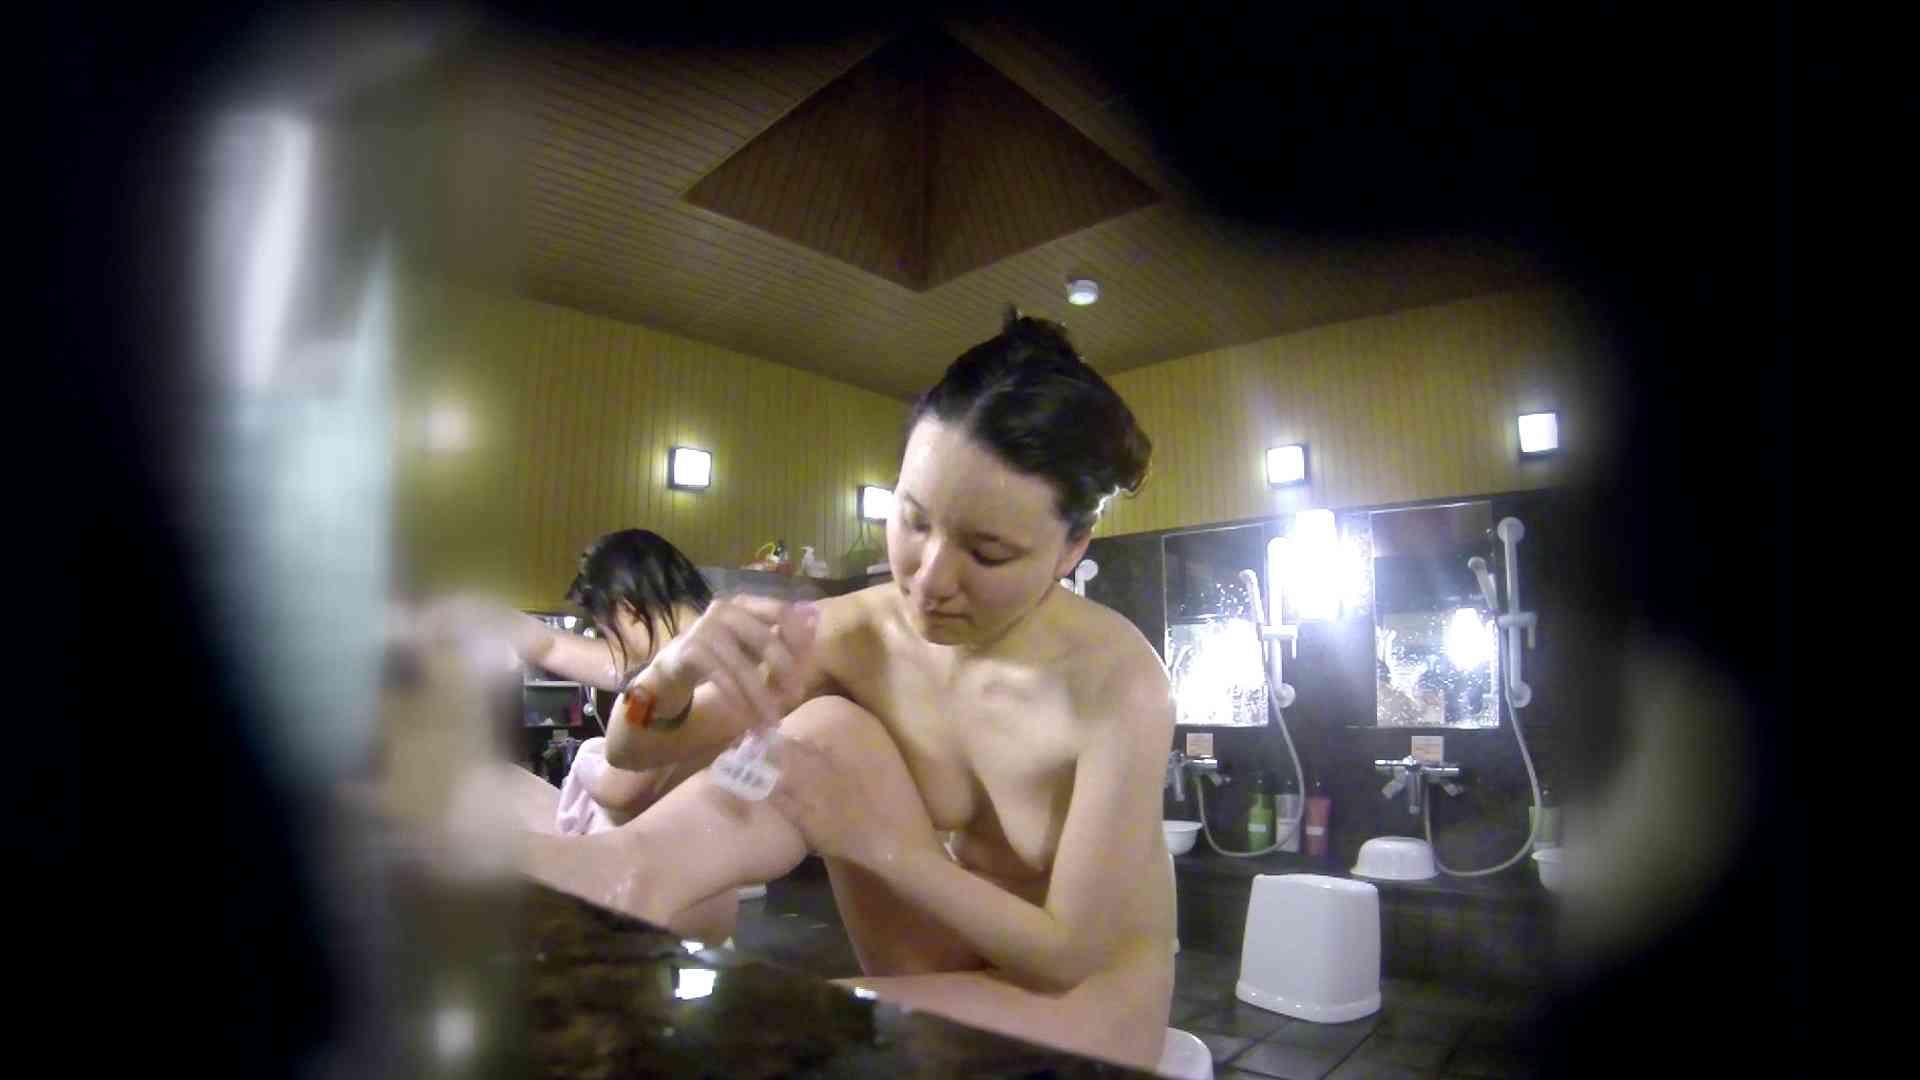 洗い場!アソコの毛辺の手入れで妄想が膨らみました。 美肌 すけべAV動画紹介 55画像 19